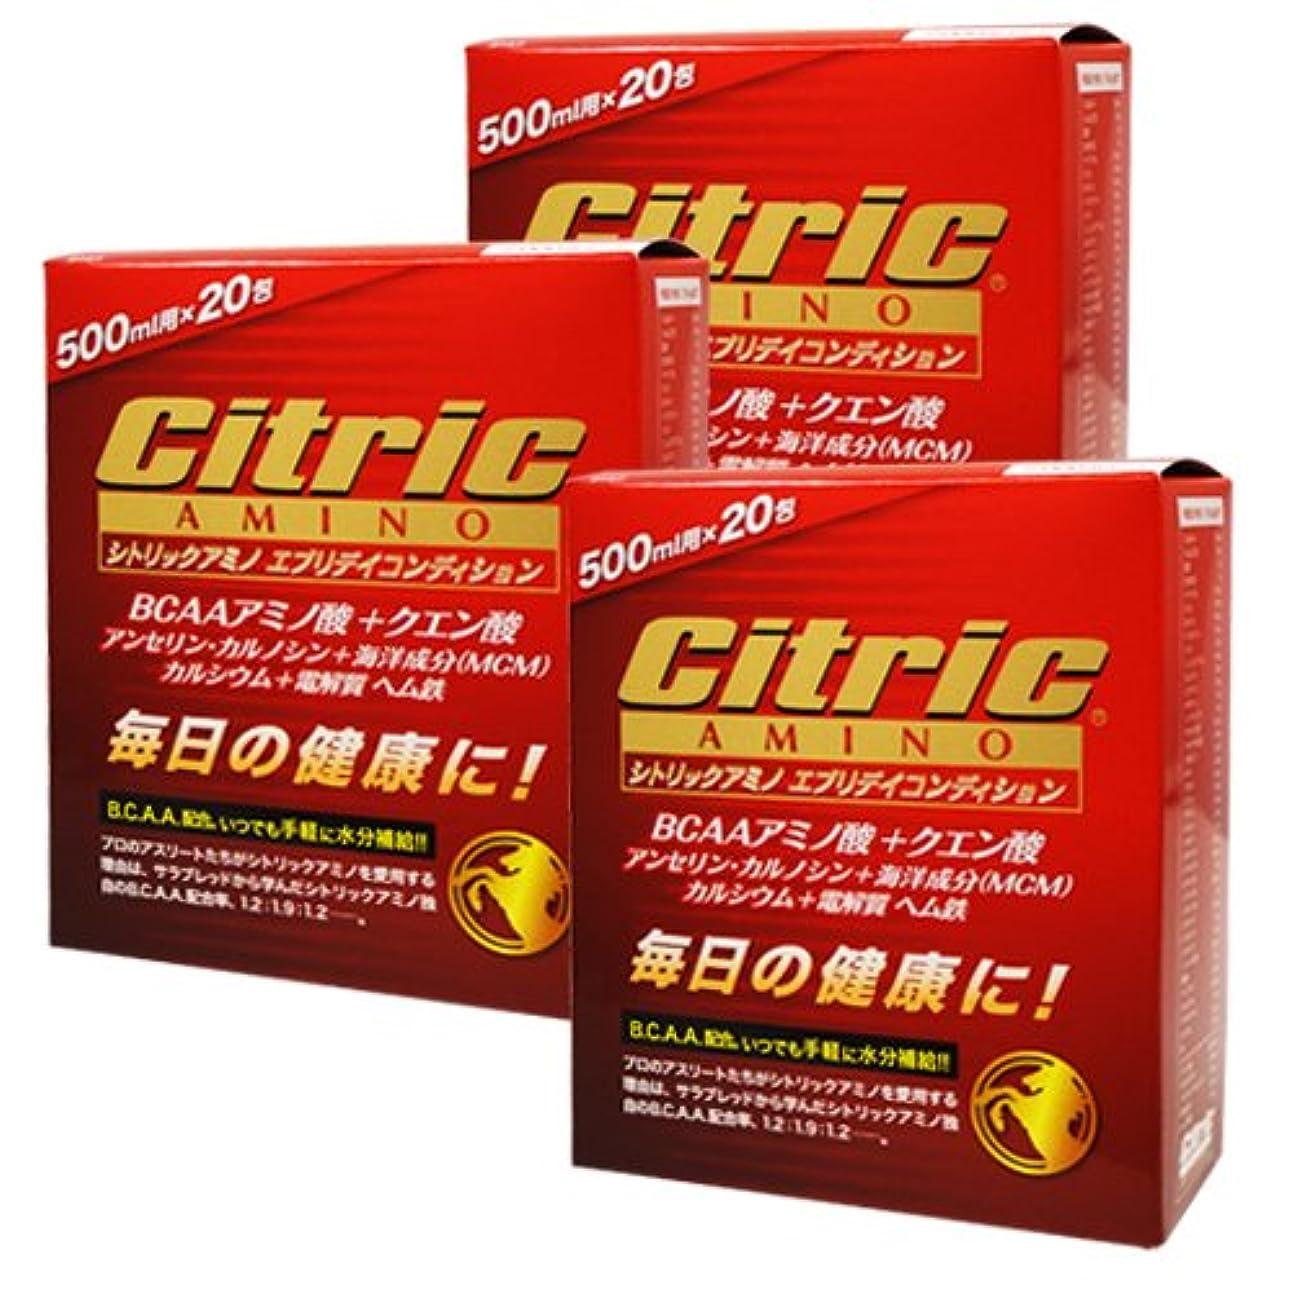 ラブ冷ややかなクリエイティブシトリックアミノ エブリデイコンディション 120g(6g×20包)×3箱